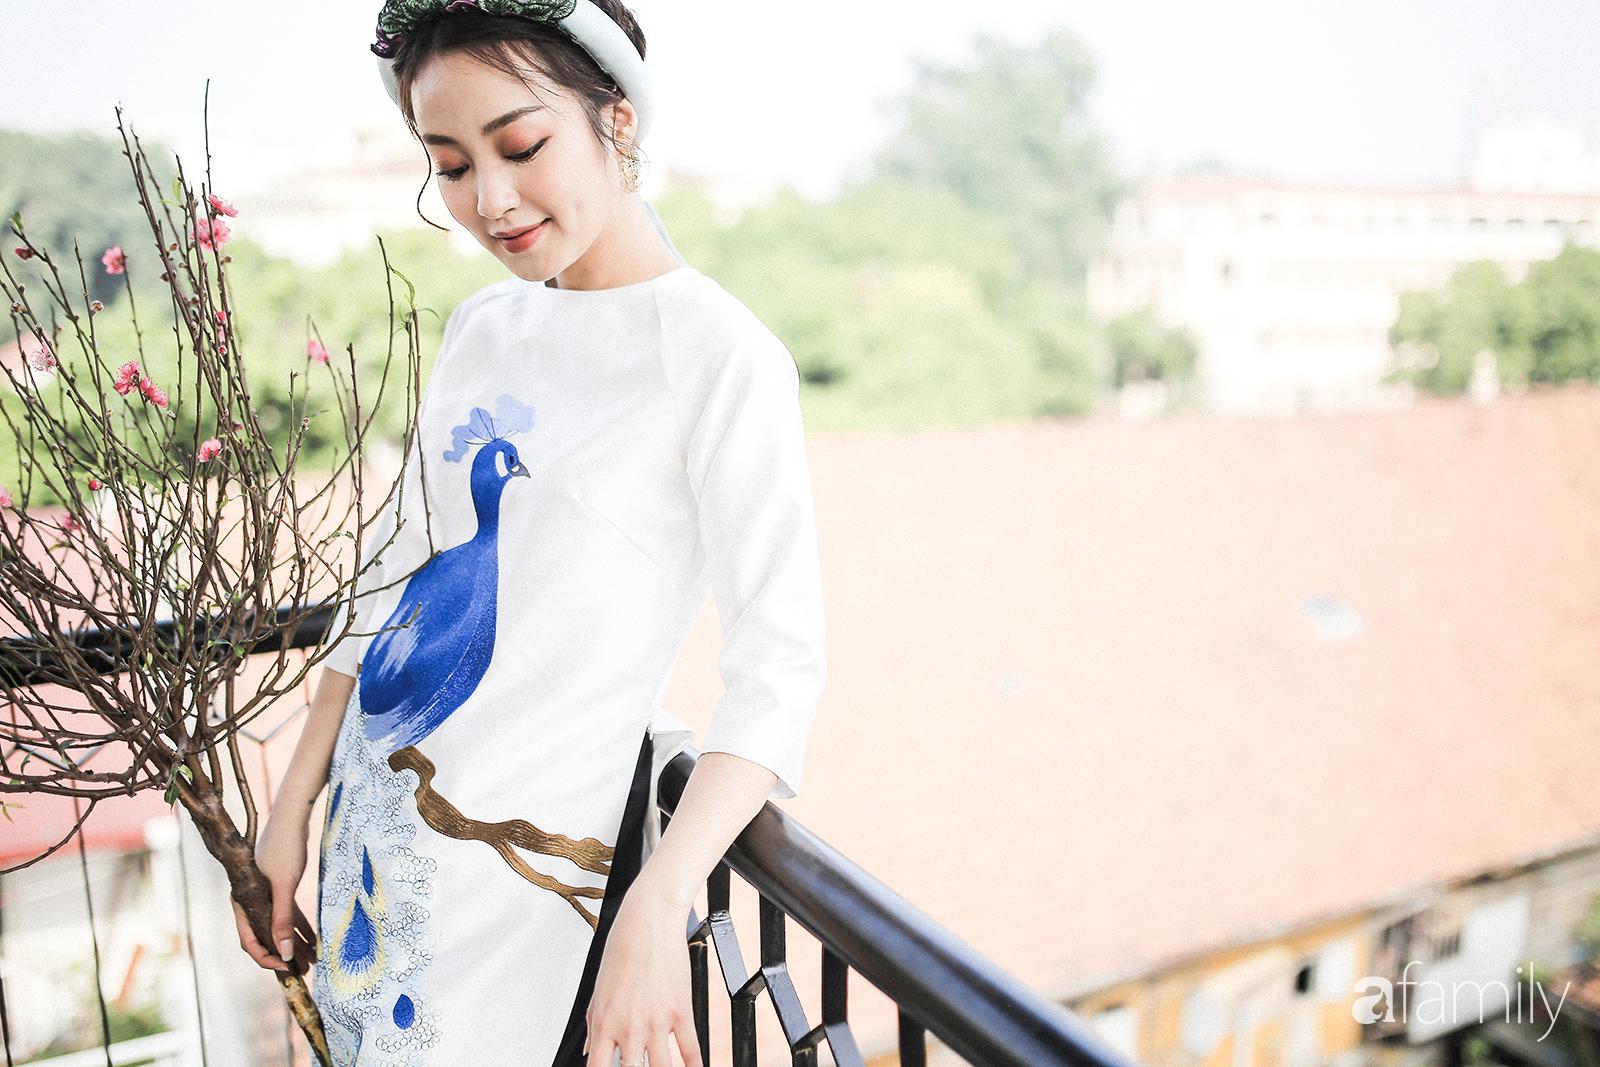 Mi Vân - Cô gái năm ấy chúng ta cùng theo đuổi: Đáng lẽ phải yêu bằng lý trí, thì lại yêu bằng con tim - Ảnh 11.